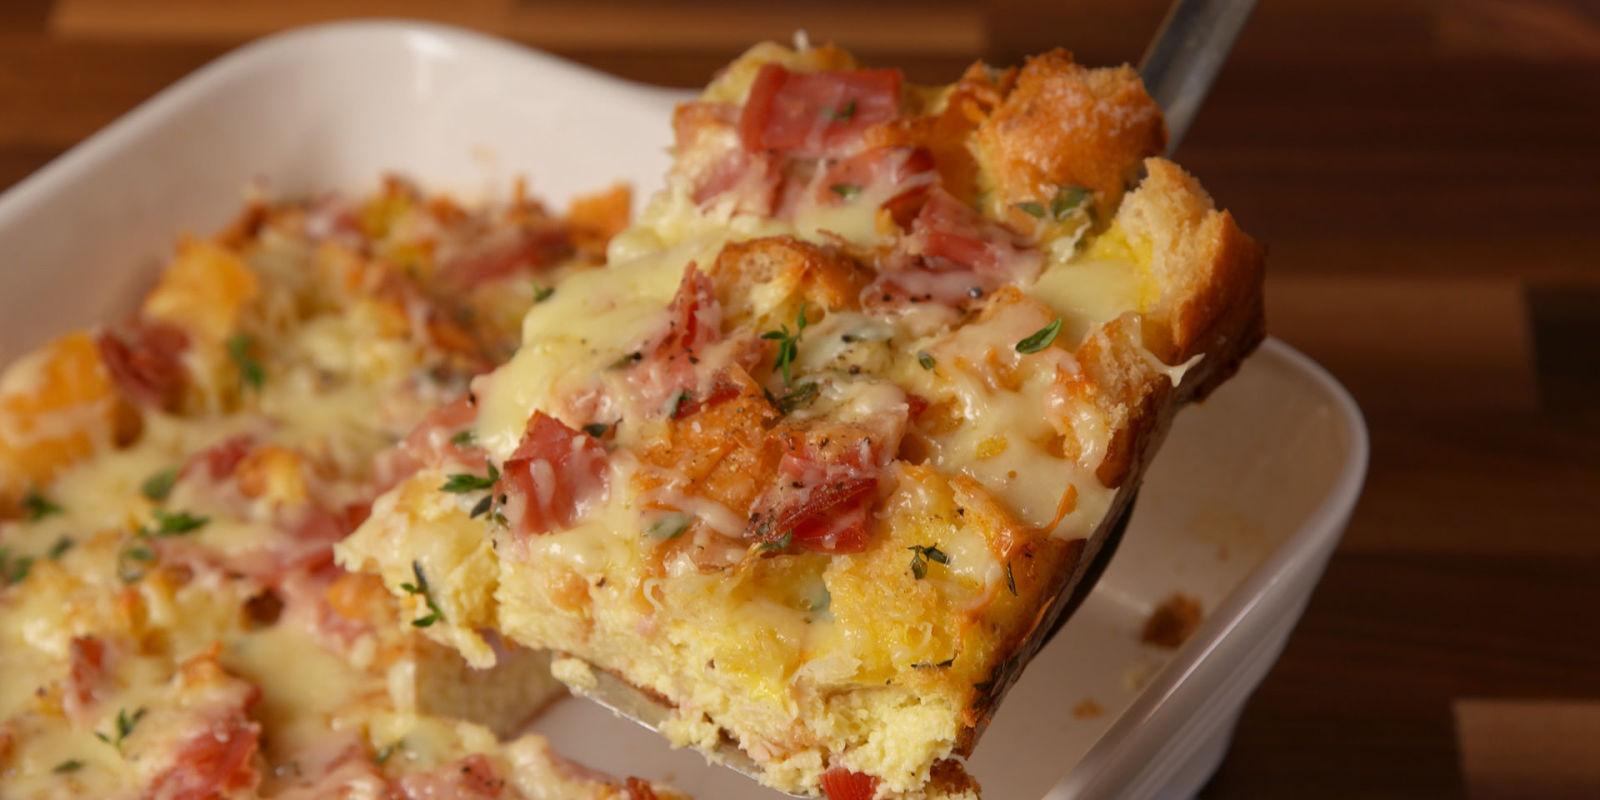 Best Ham \u0026 Cheese Brunch Bake Recipe - How to Make Ham \u0026 Cheese ...